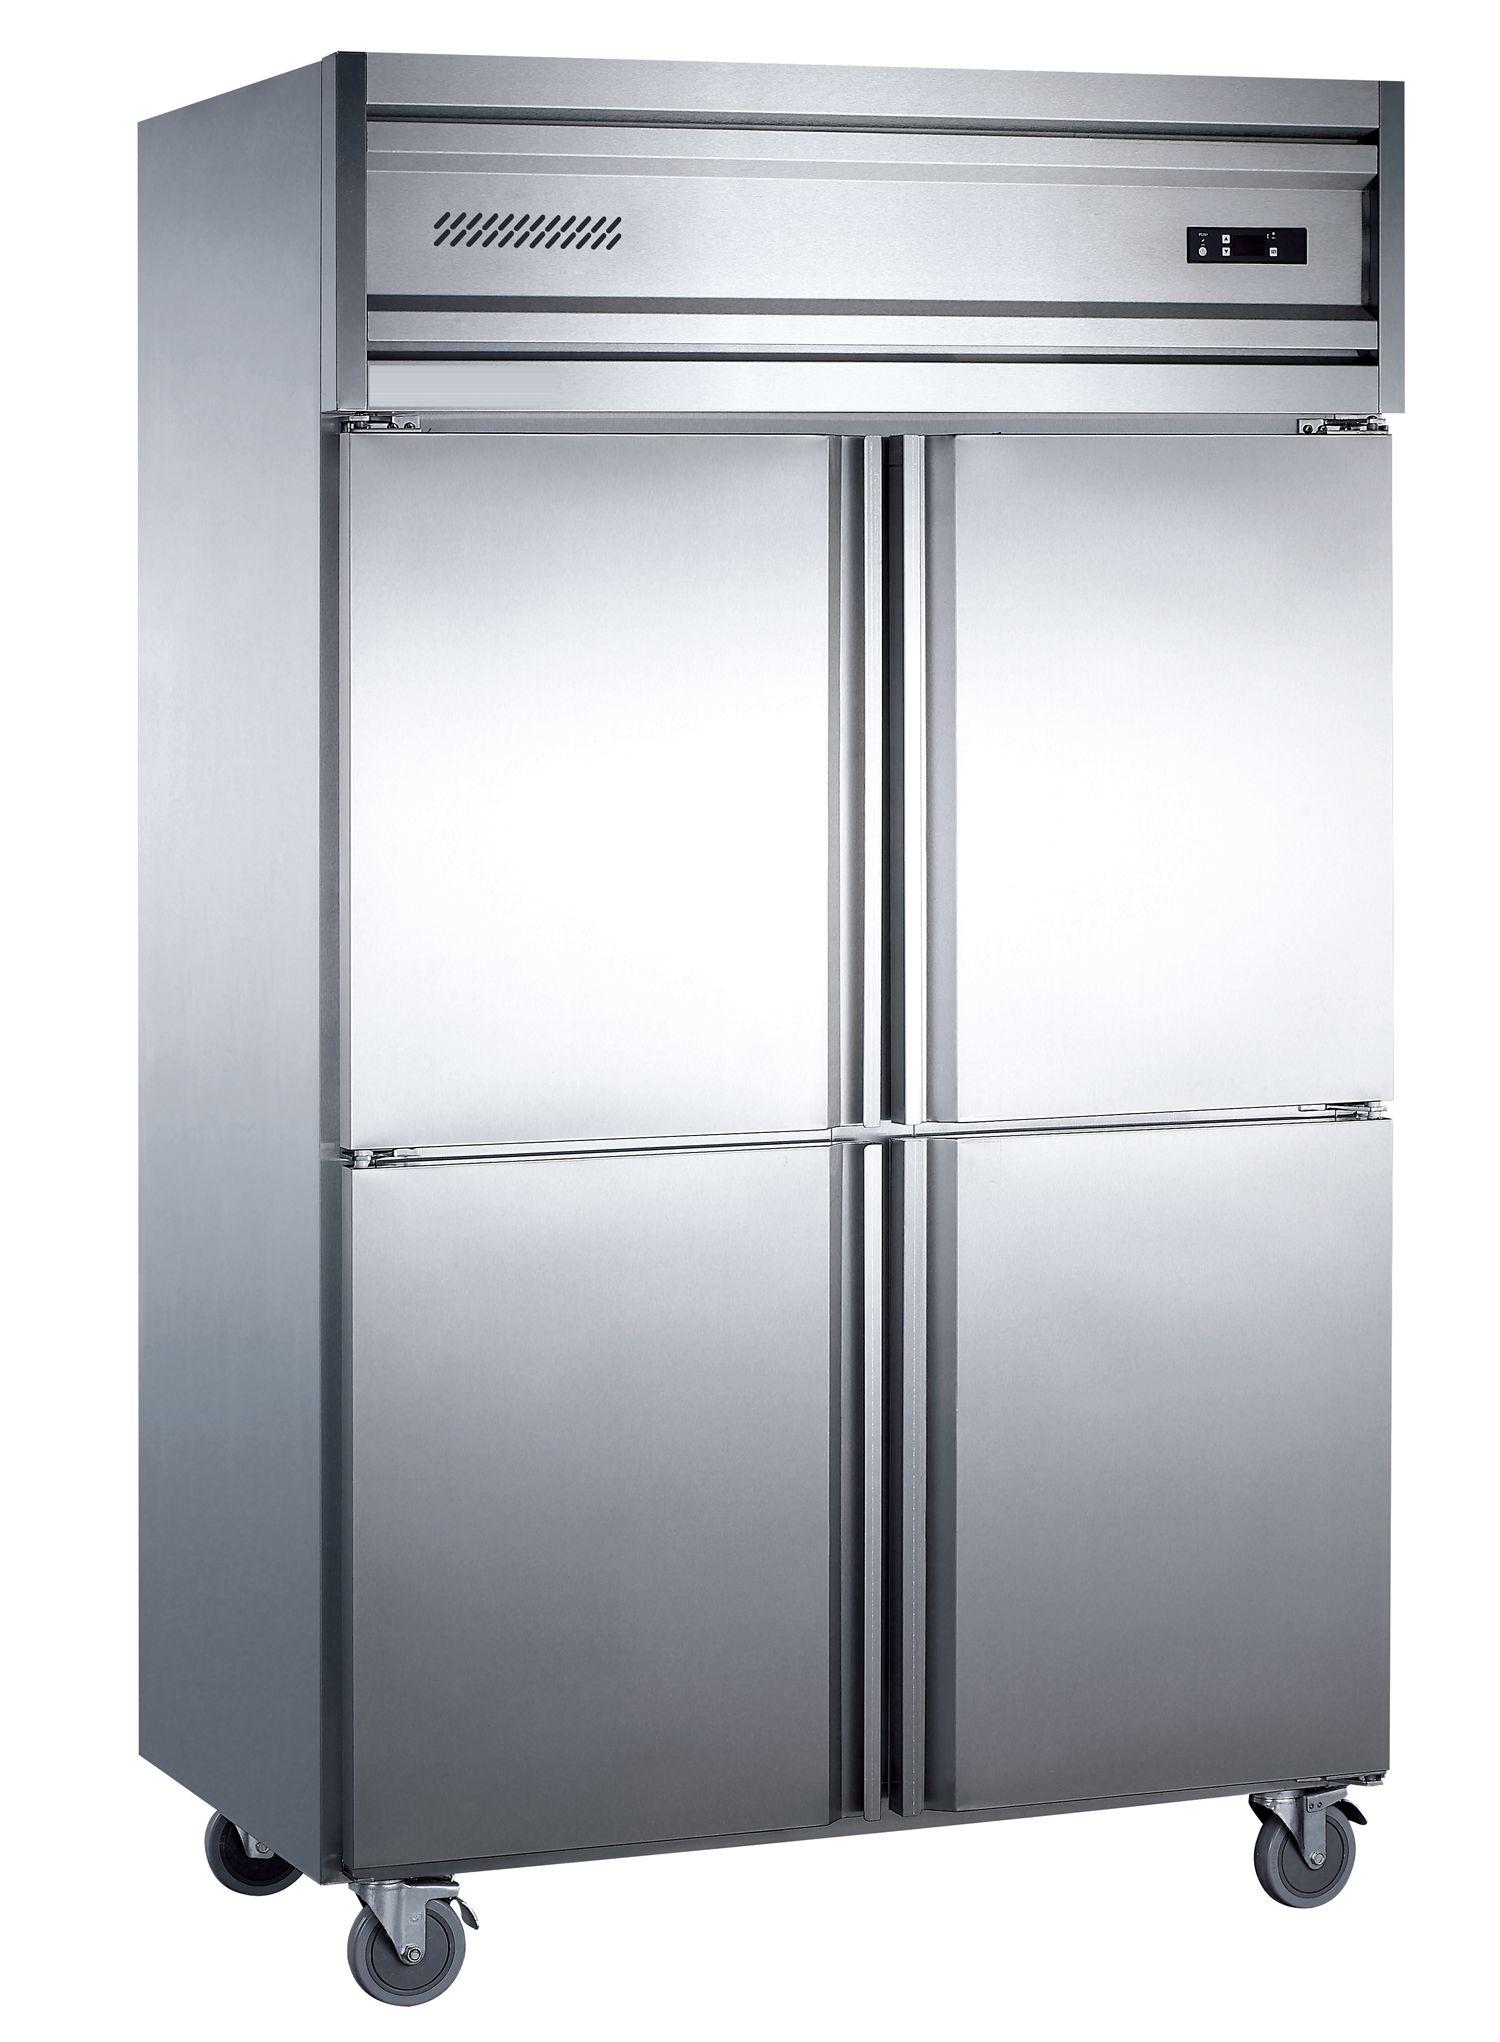 Stainless steel 4 door upright refrigerator